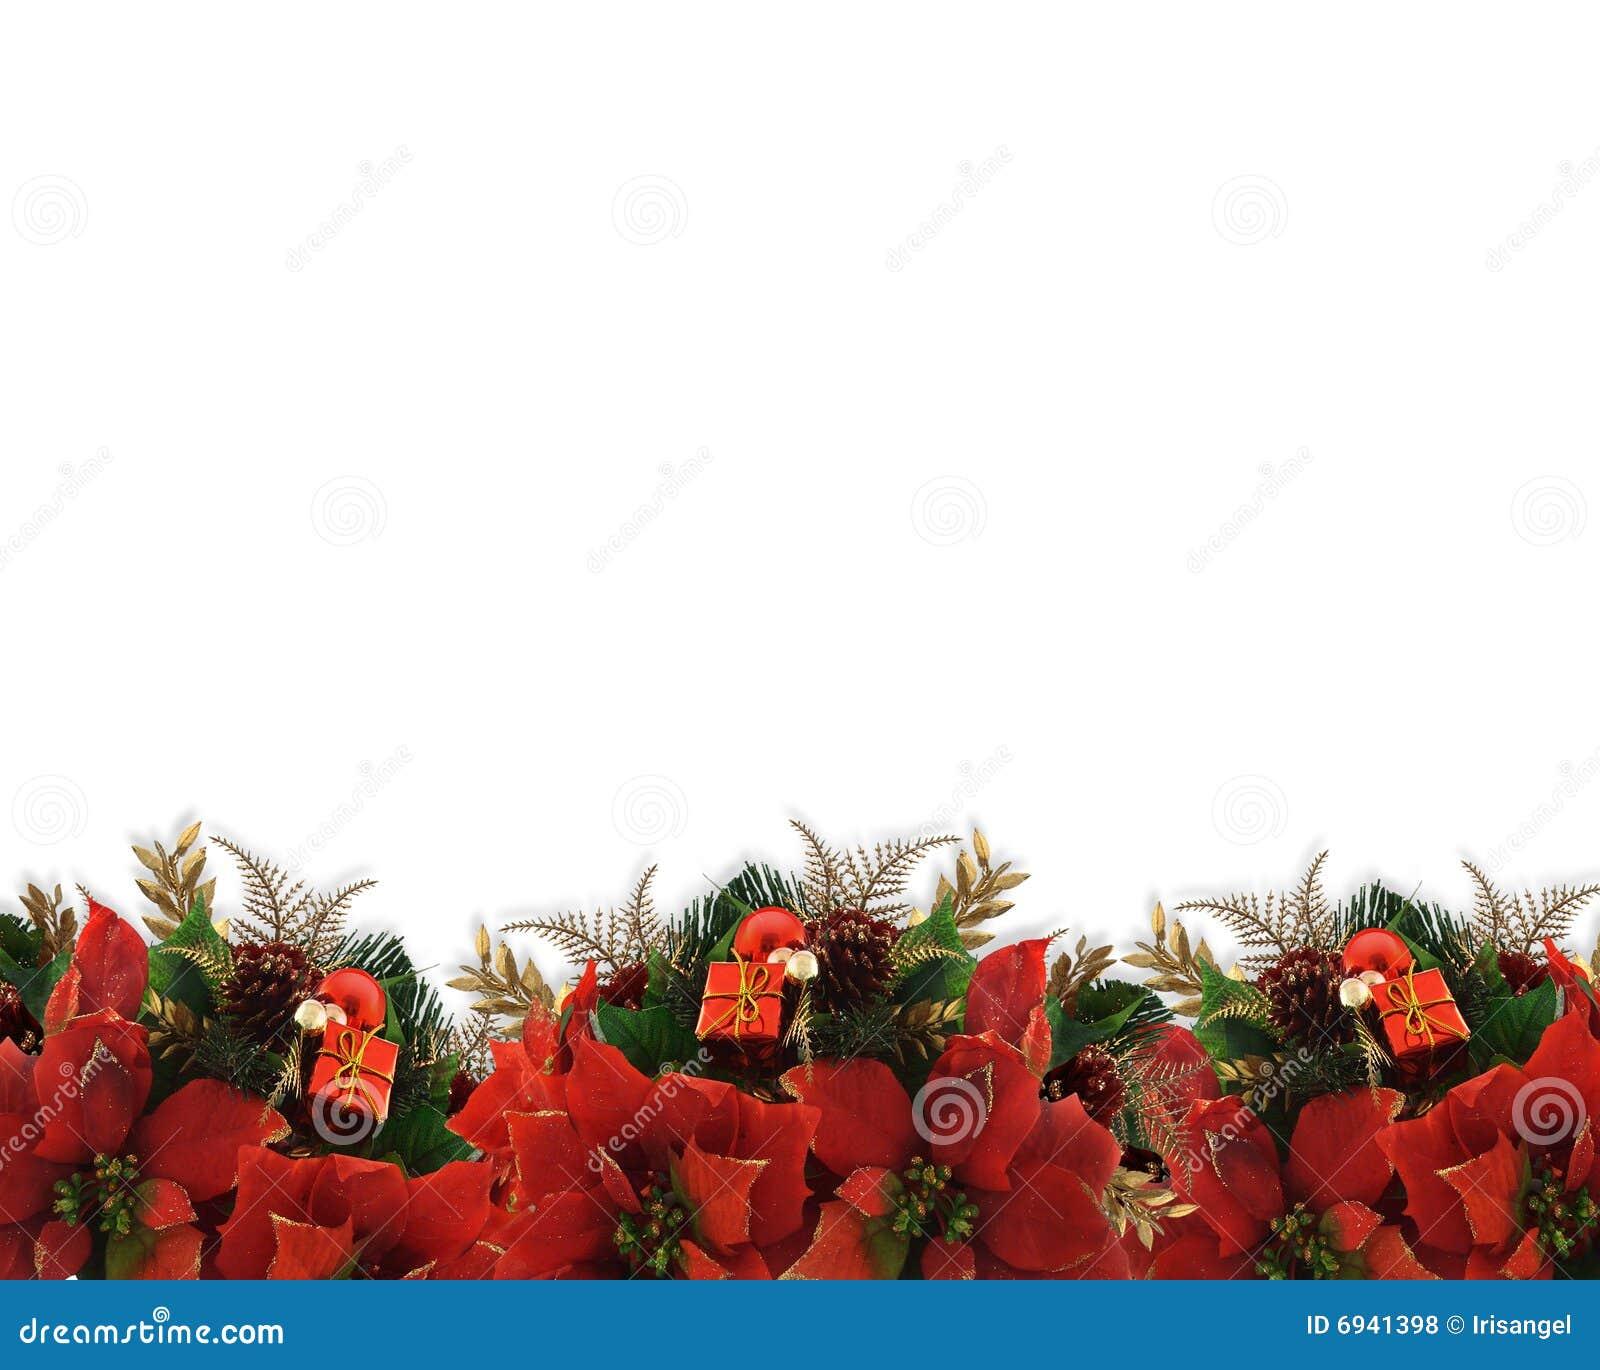 Christmas flowers border poinsettias stock illustration